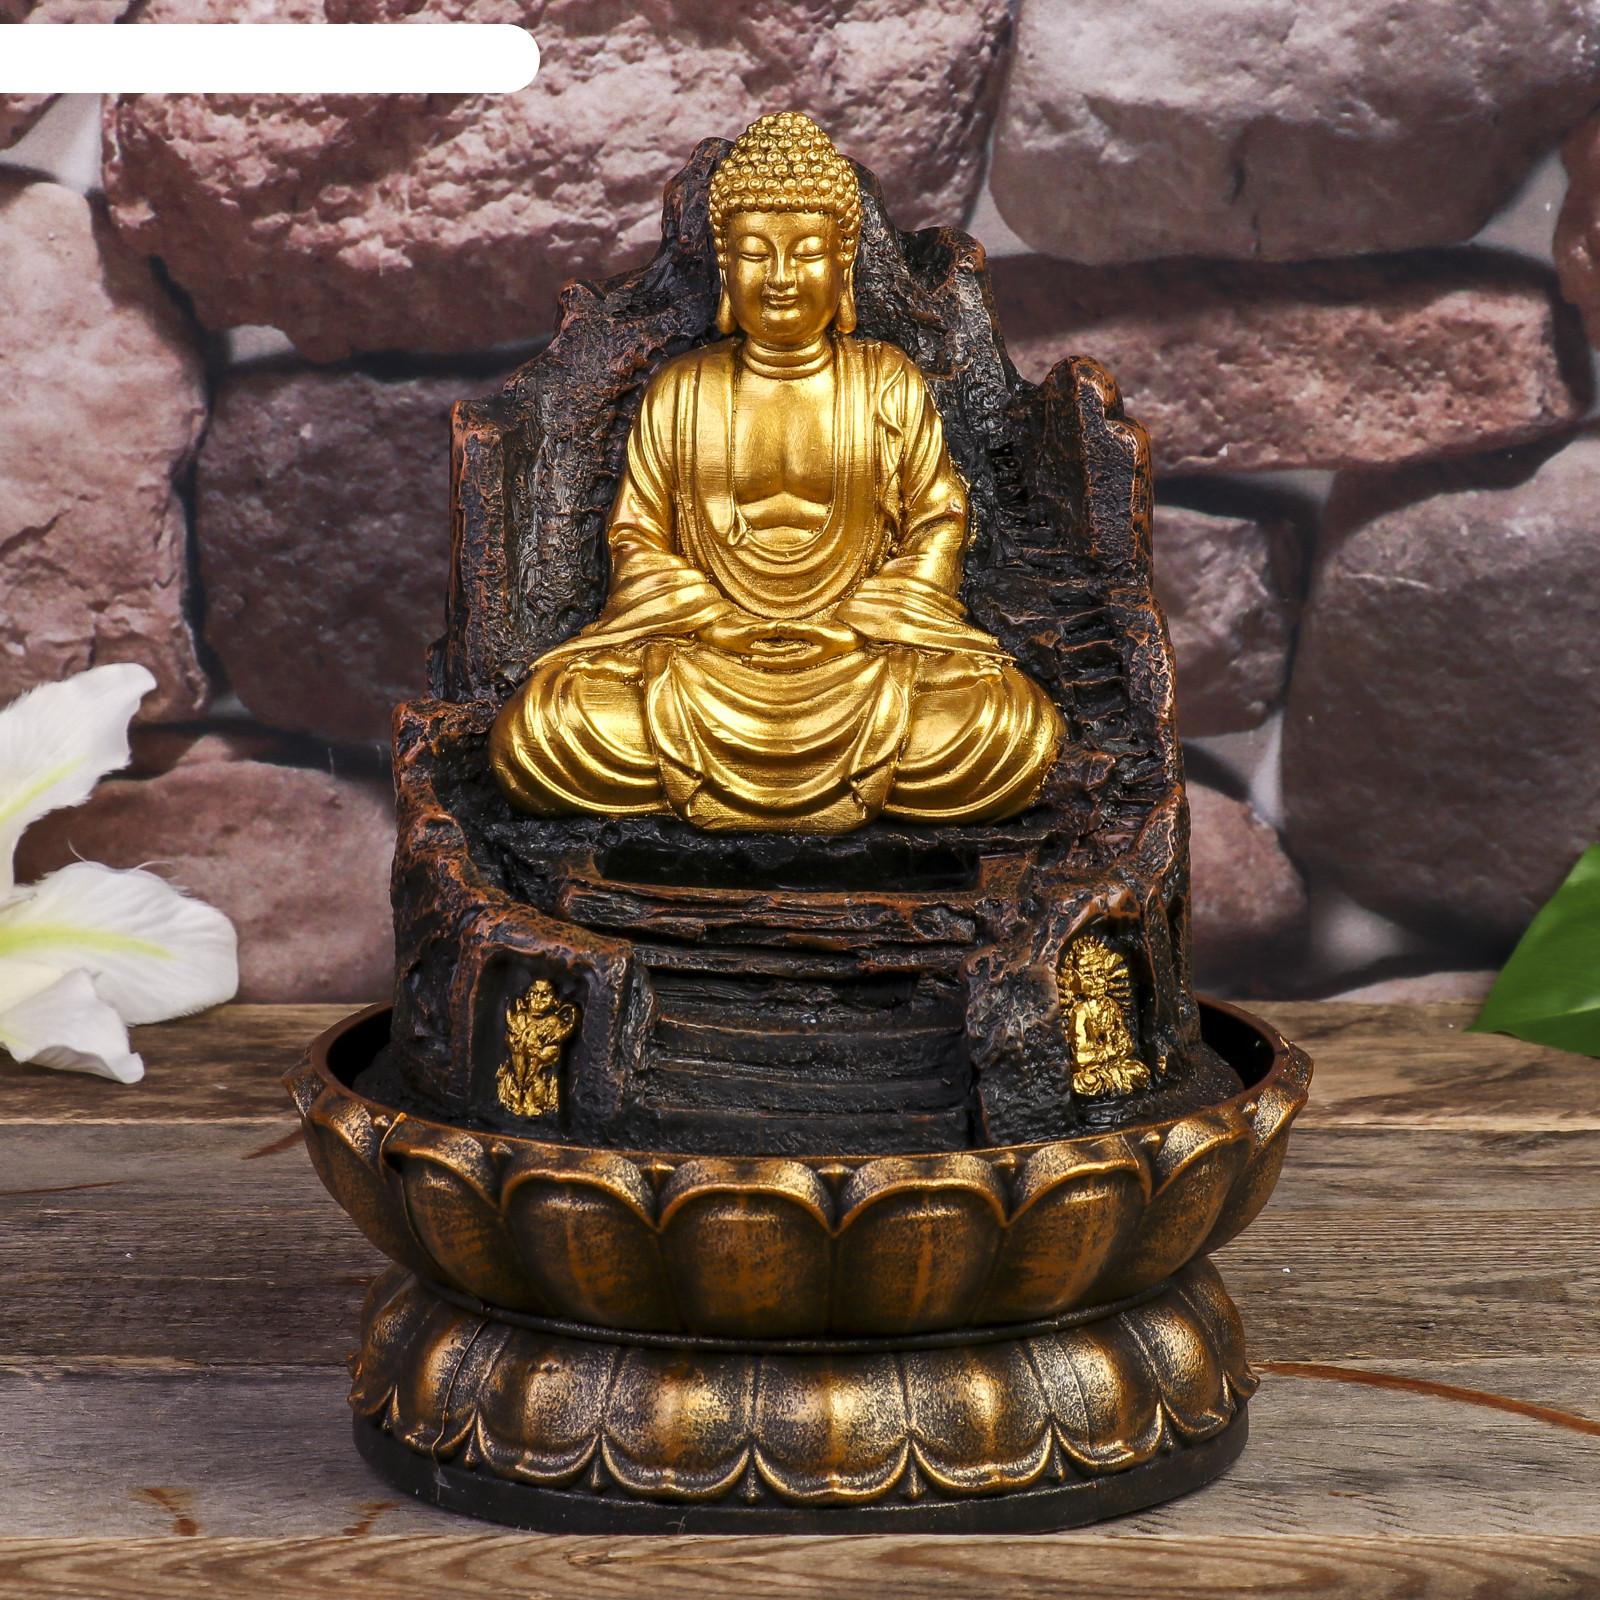 Фонтан настольный от сети, подсветка золотой будда на троне из скалы 28х20